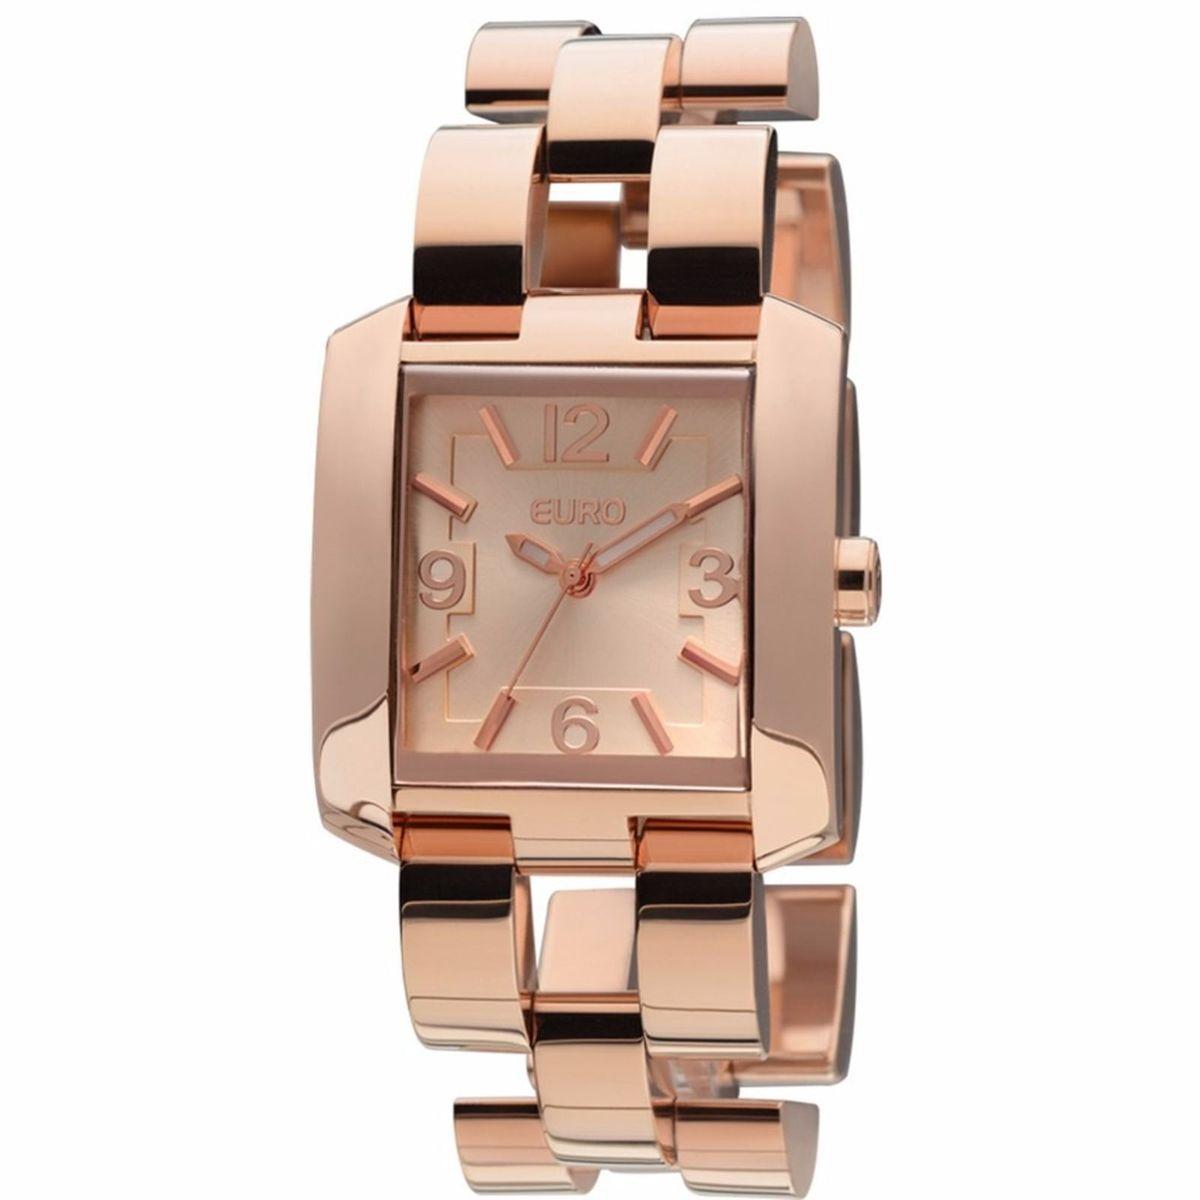 relógio analógico euro orsa eu2035lqd 4t - rose gold - relógios euro 693478422c